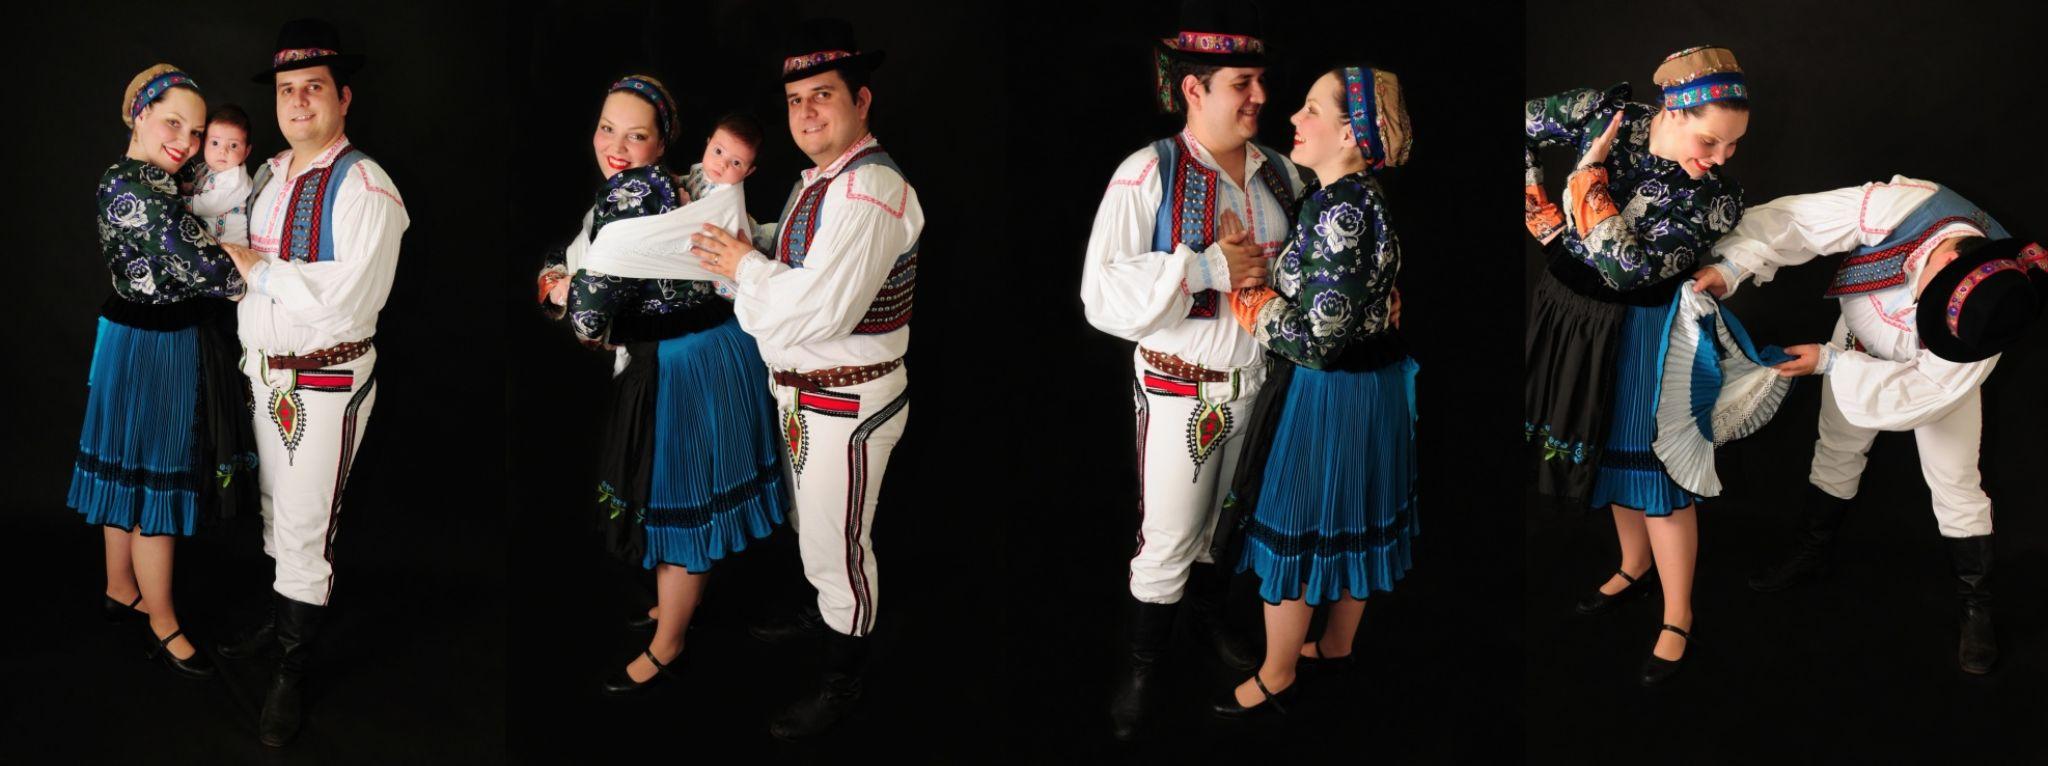 folklor family by Michaela Rolandová